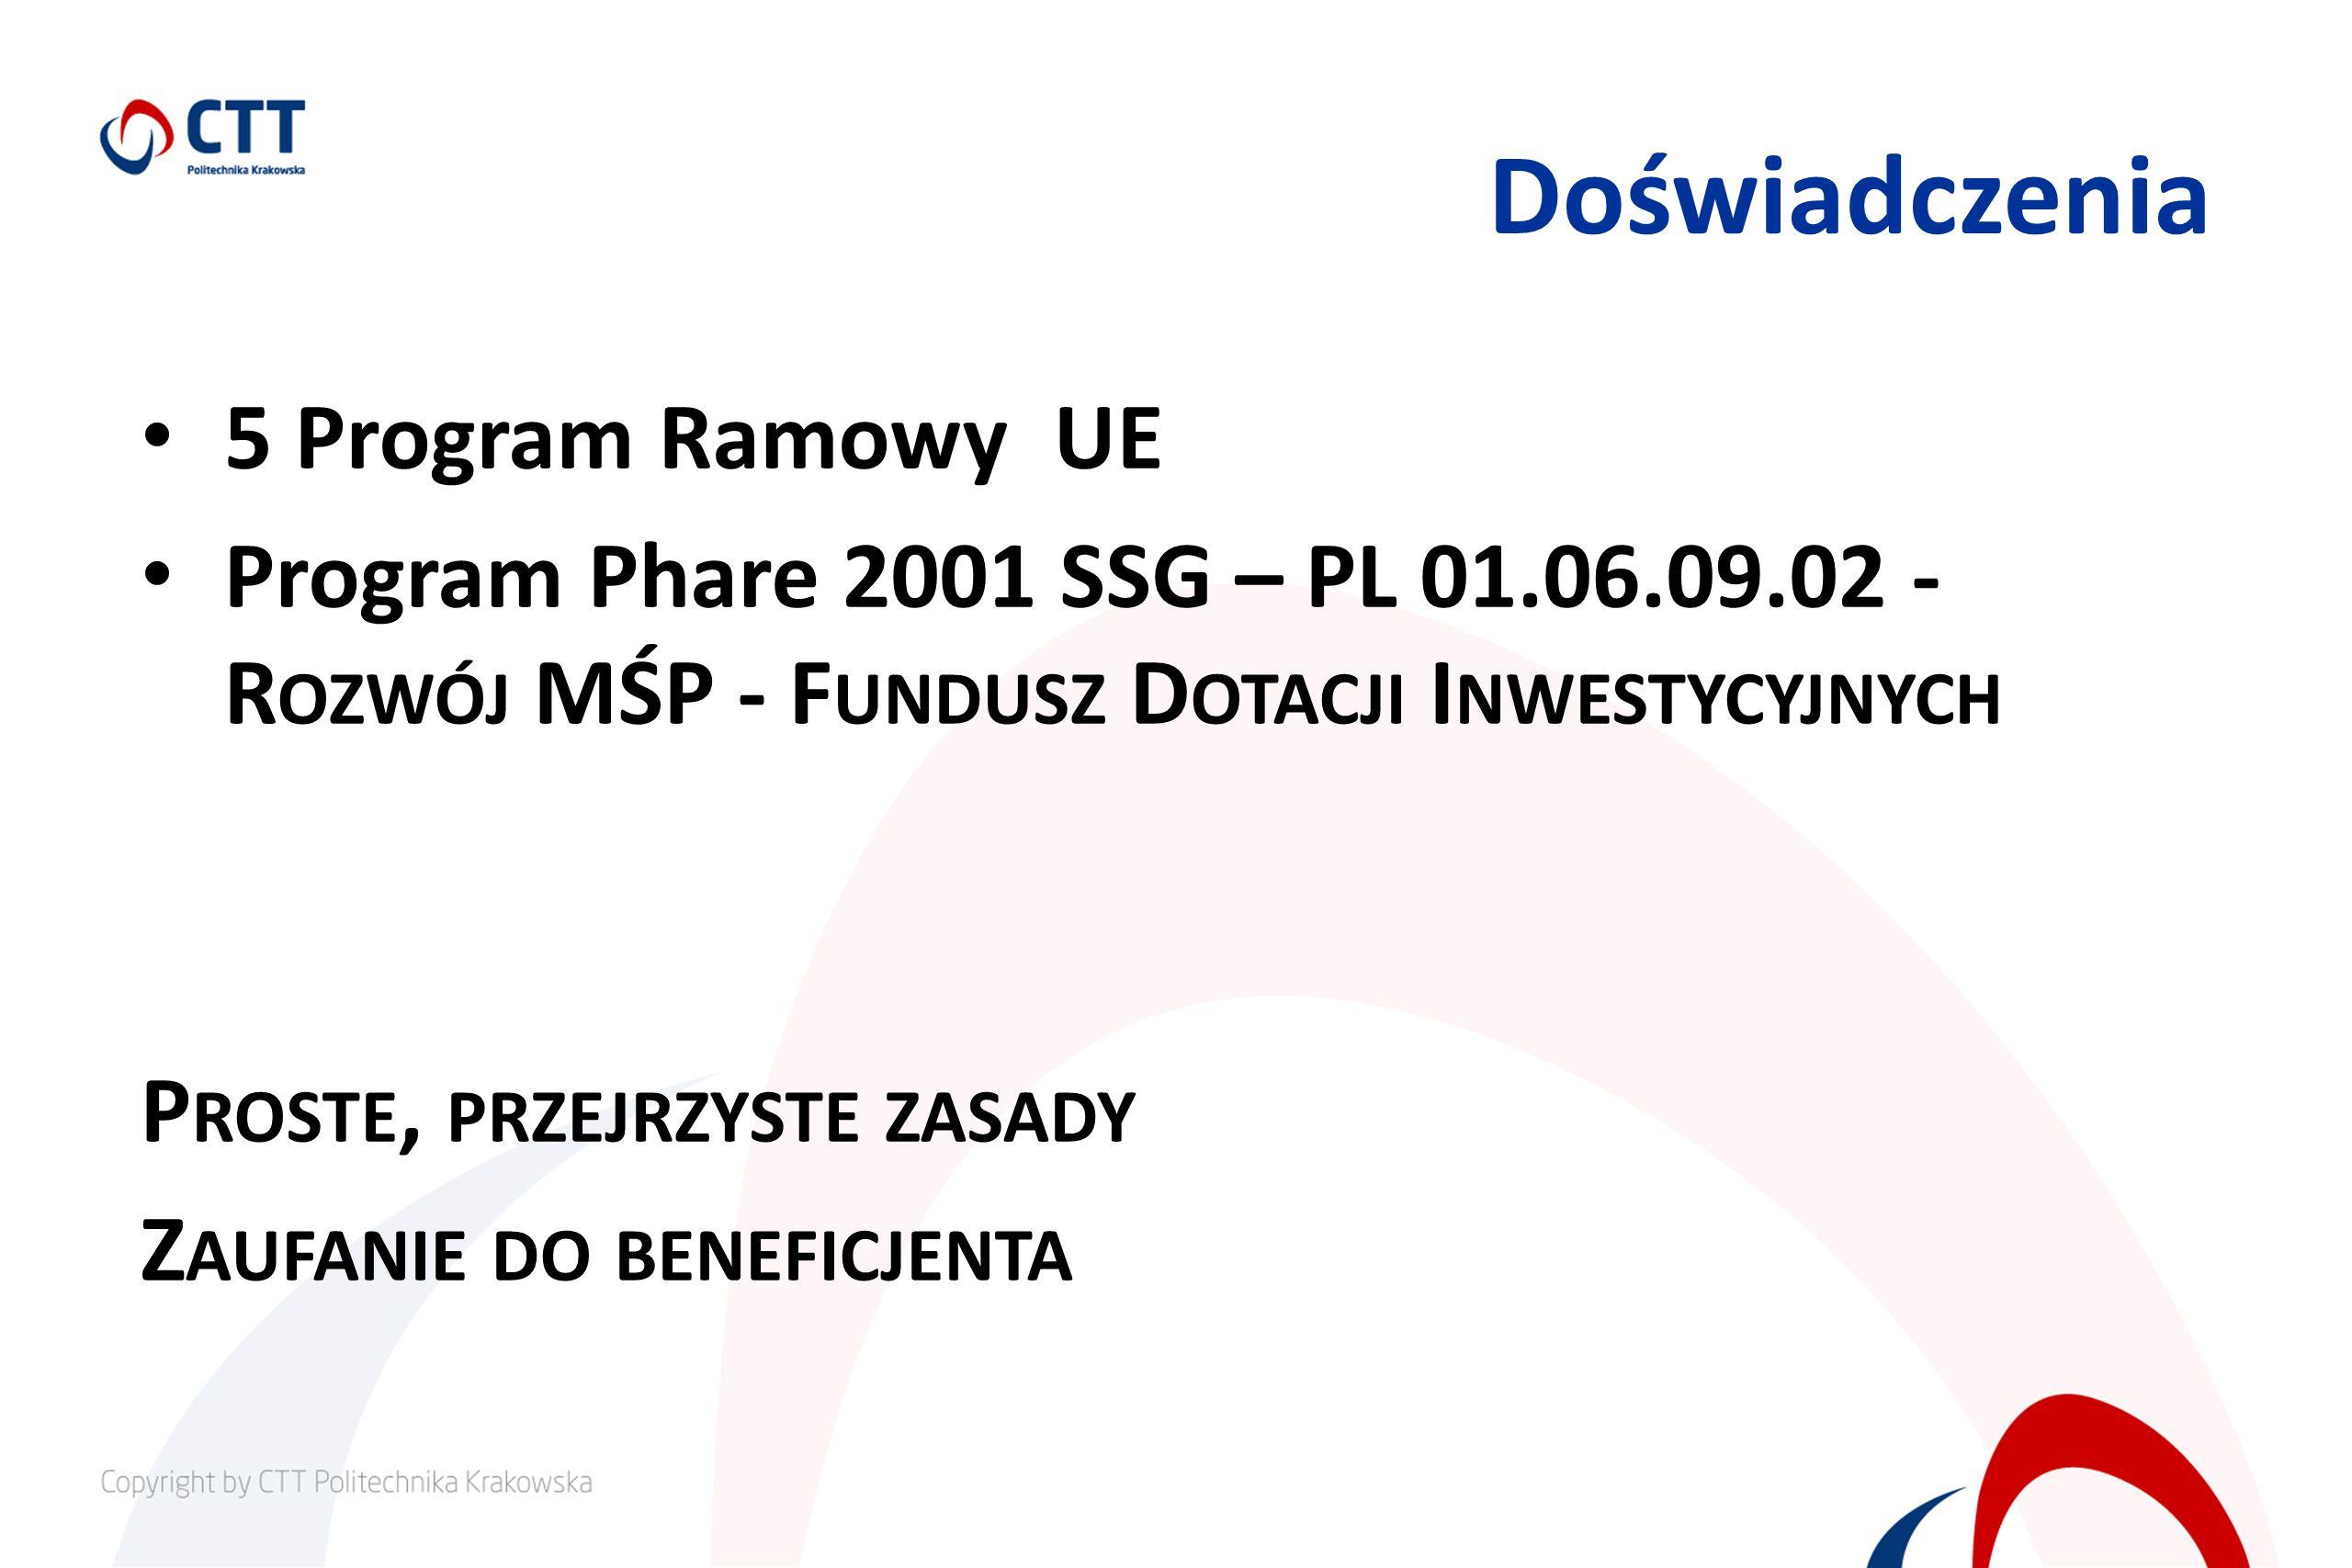 Doświadczenia 5 Program Ramowy UE Program Phare 2001 SSG – PL 01.06.09.02 - R OZWÓJ MŚP - F UNDUSZ D OTACJI I NWESTYCYJNYCH P ROSTE, PRZEJRZYSTE ZASAD